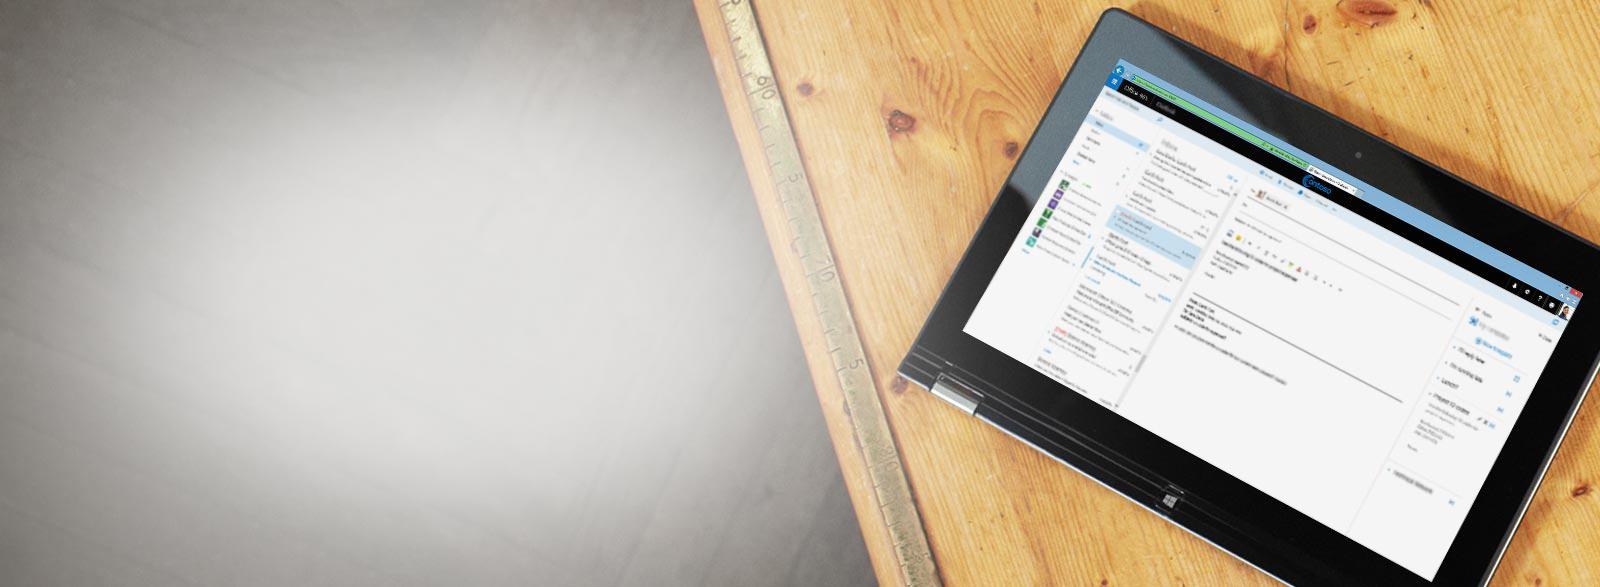 Sobre una mesa, una tableta muestra en imagen ampliada la bandeja de entrada de una cuenta de correo empresarial con tecnología Exchange.